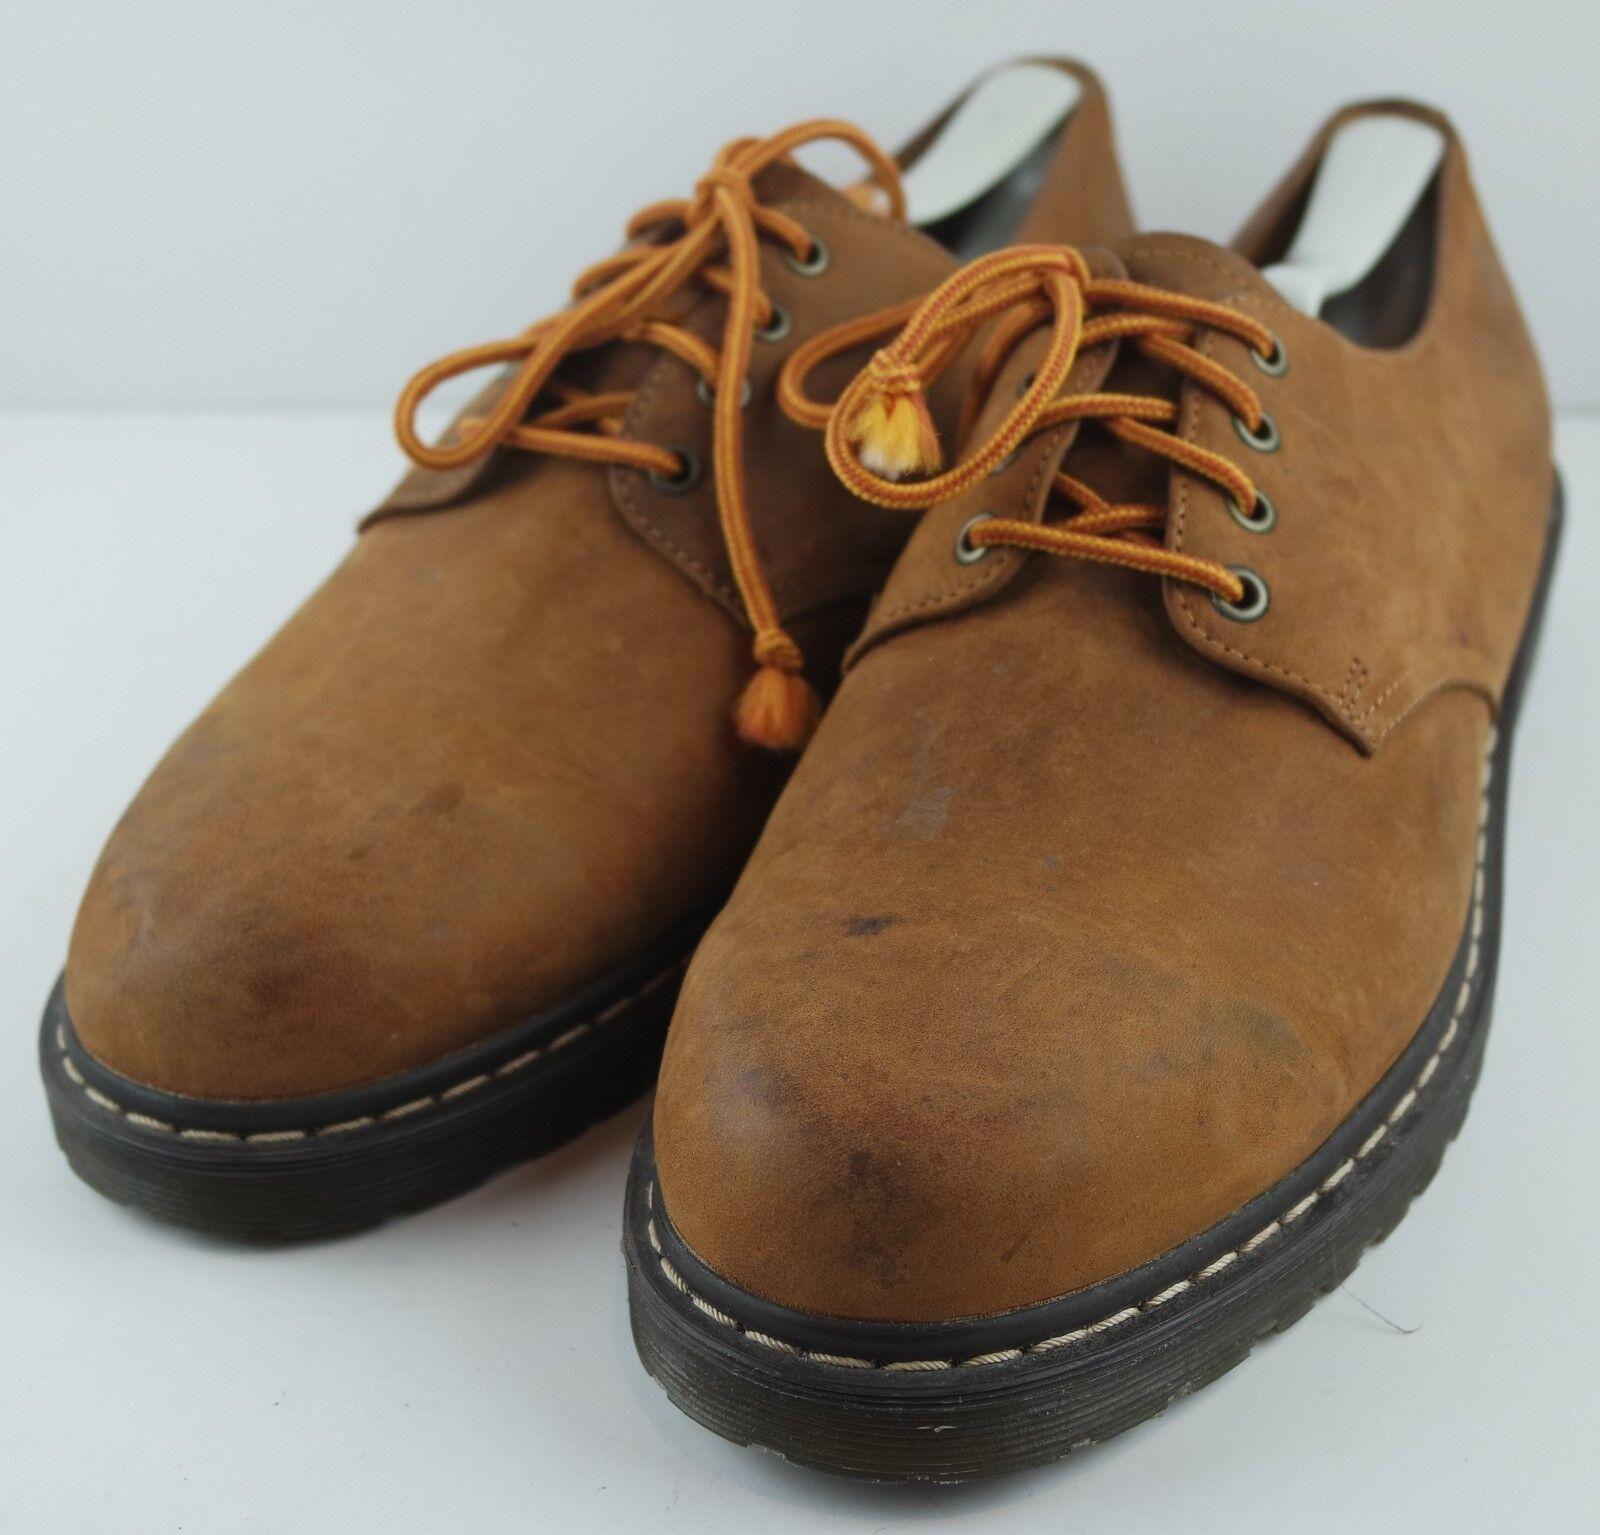 DUXBAK Para Hombre De Cuero Marrón Oxford MARTY 2316262 zapatos talla 11.5M